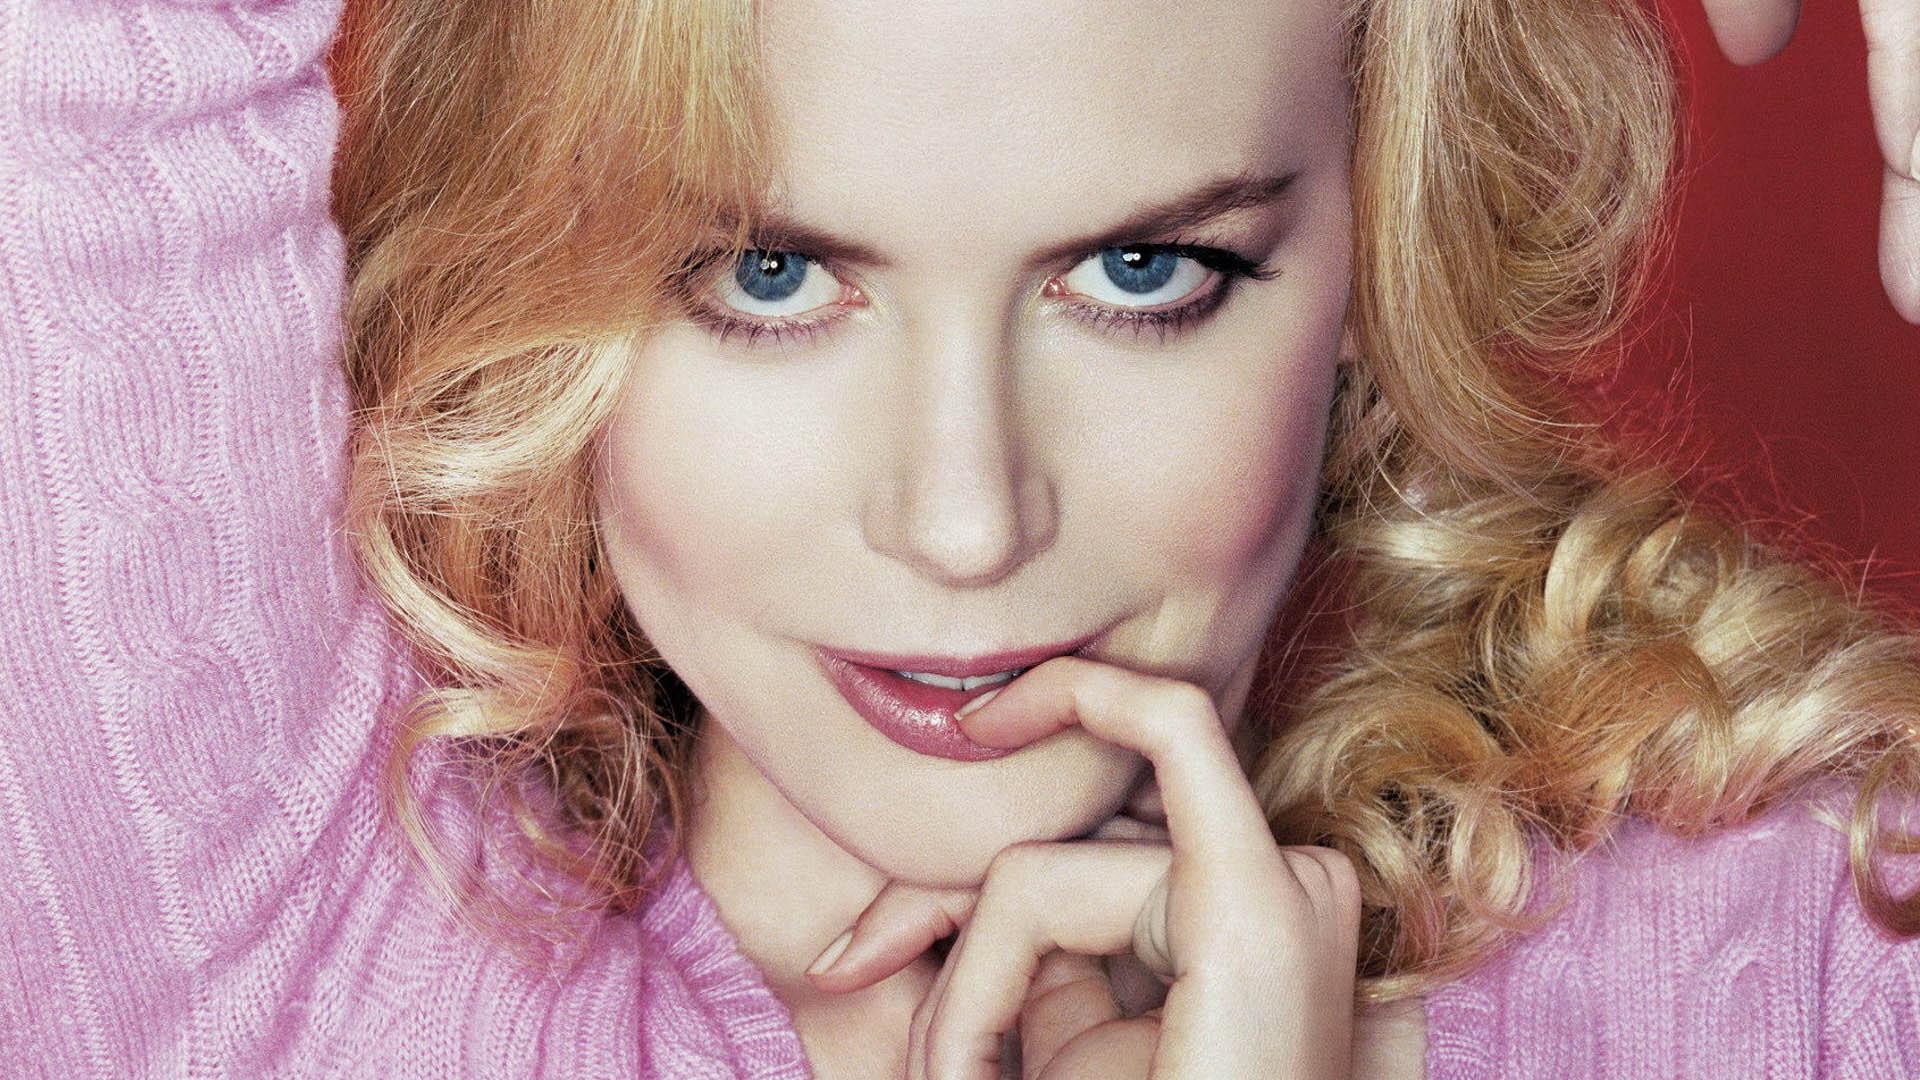 Nicole Kidman Desktop wallpapers